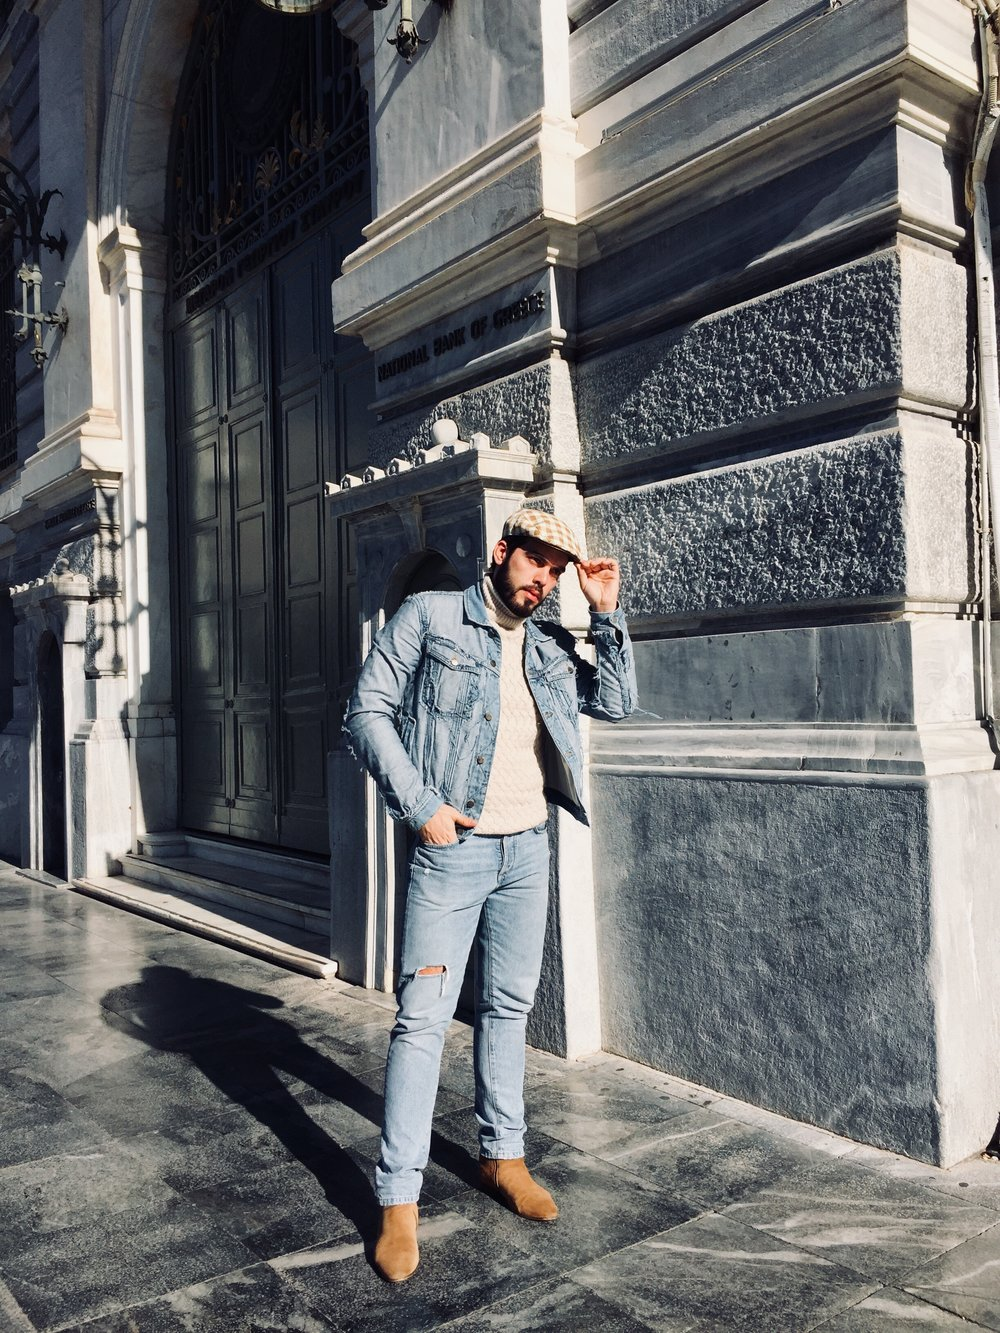 Jean Jacket: Maison Margiela / Jean: Zara / Knitwear: Massimo Dutti / Hat: Vintage / Shoes: River Island